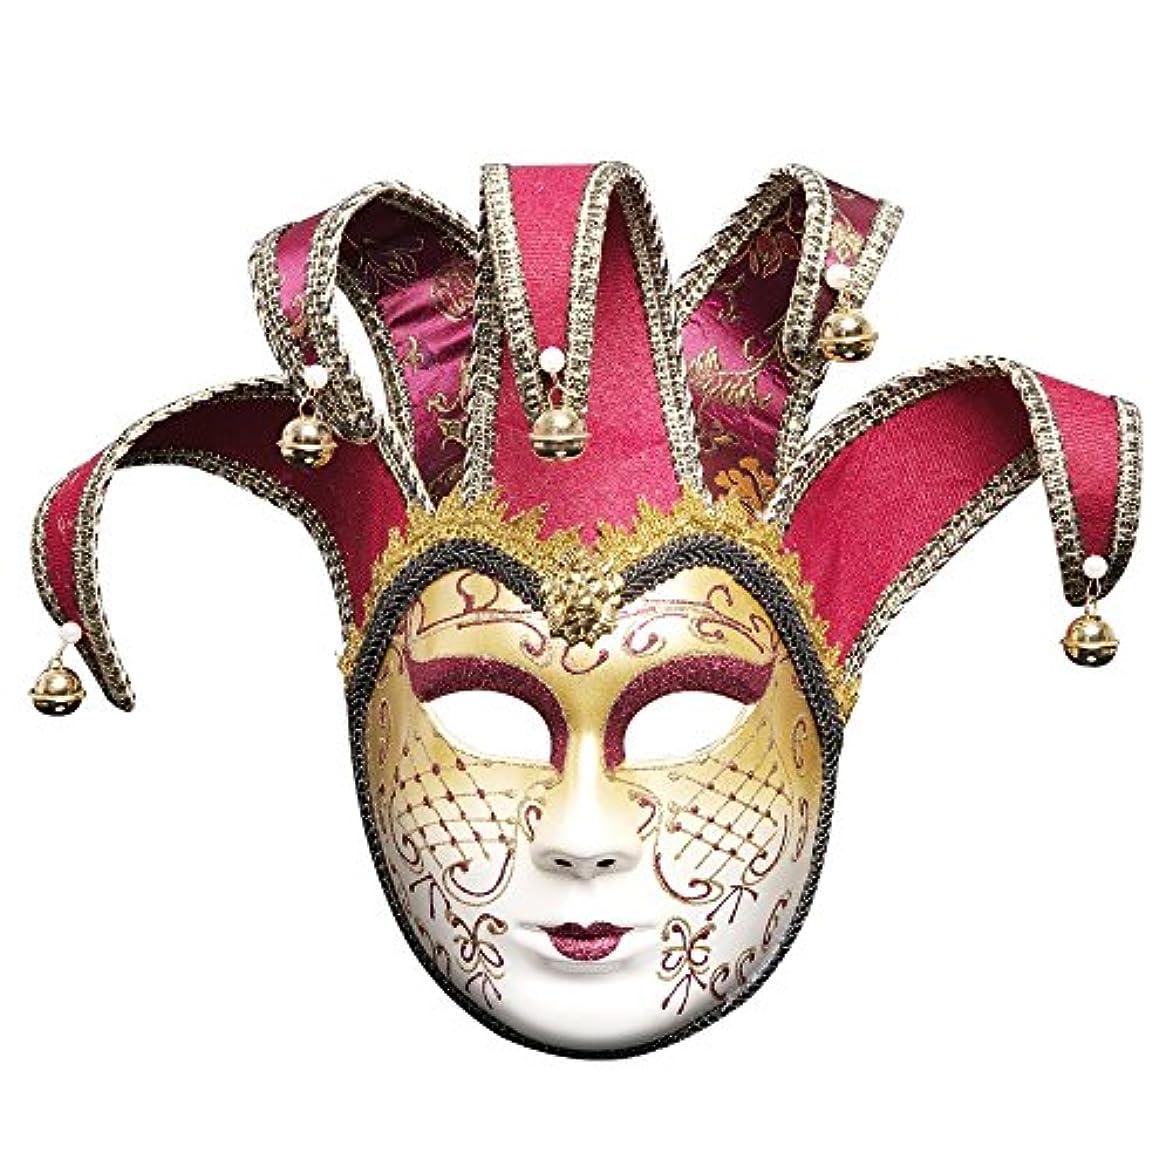 ぺディカブ閉塞のスコアハロウィンボールパーティーマスククリスマスクリエイティブ新しいフルフェイスメイクアップマスク (Color : C)